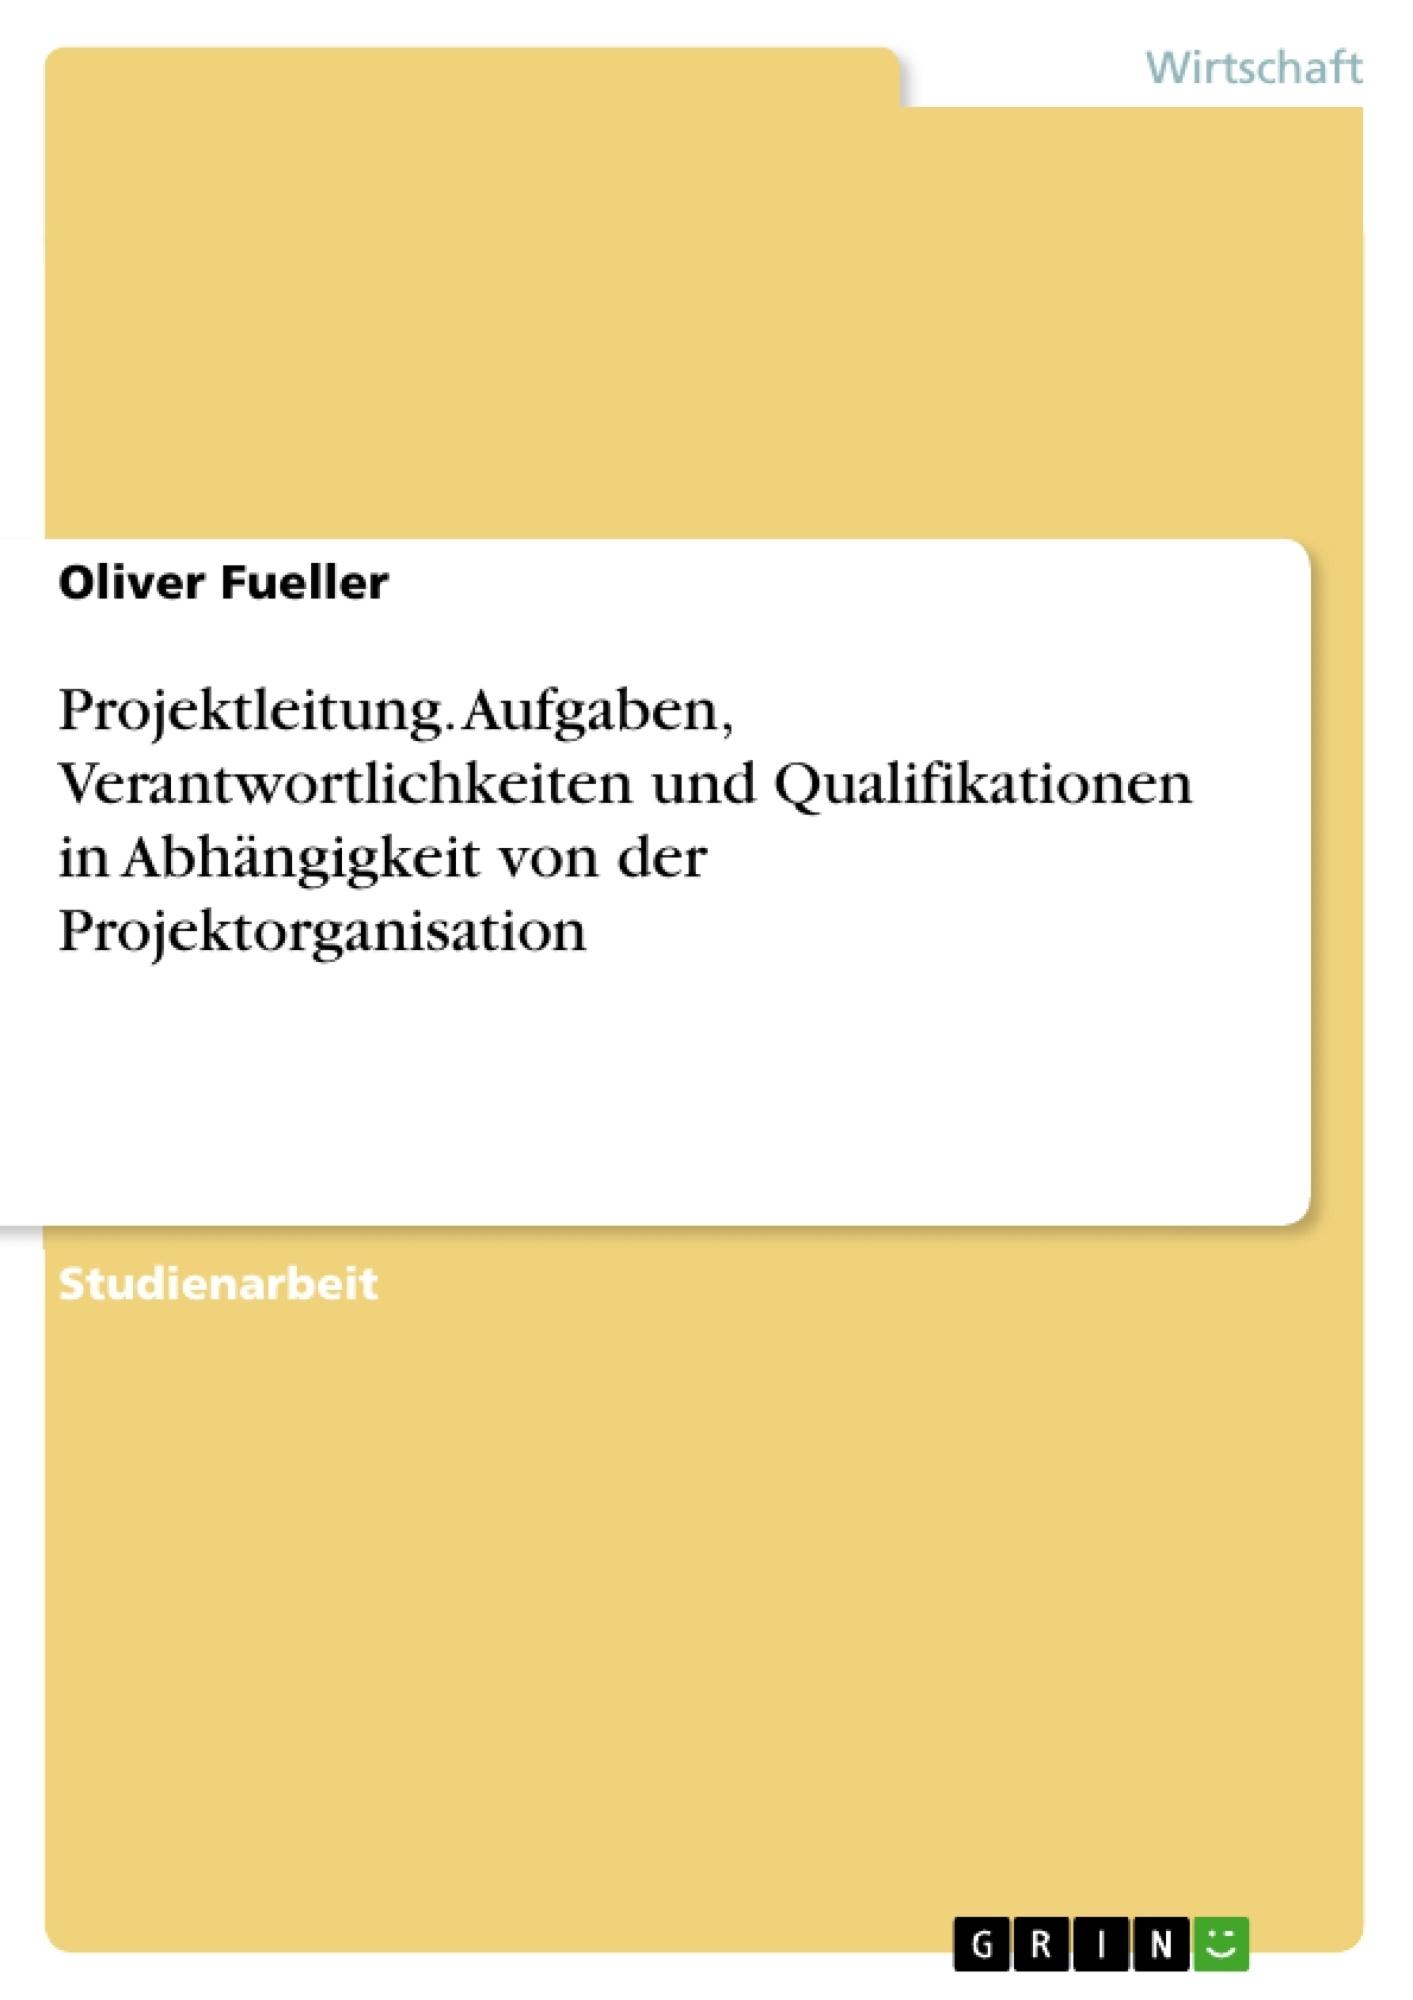 Titel: Projektleitung. Aufgaben, Verantwortlichkeiten und Qualifikationen in Abhängigkeit von der Projektorganisation